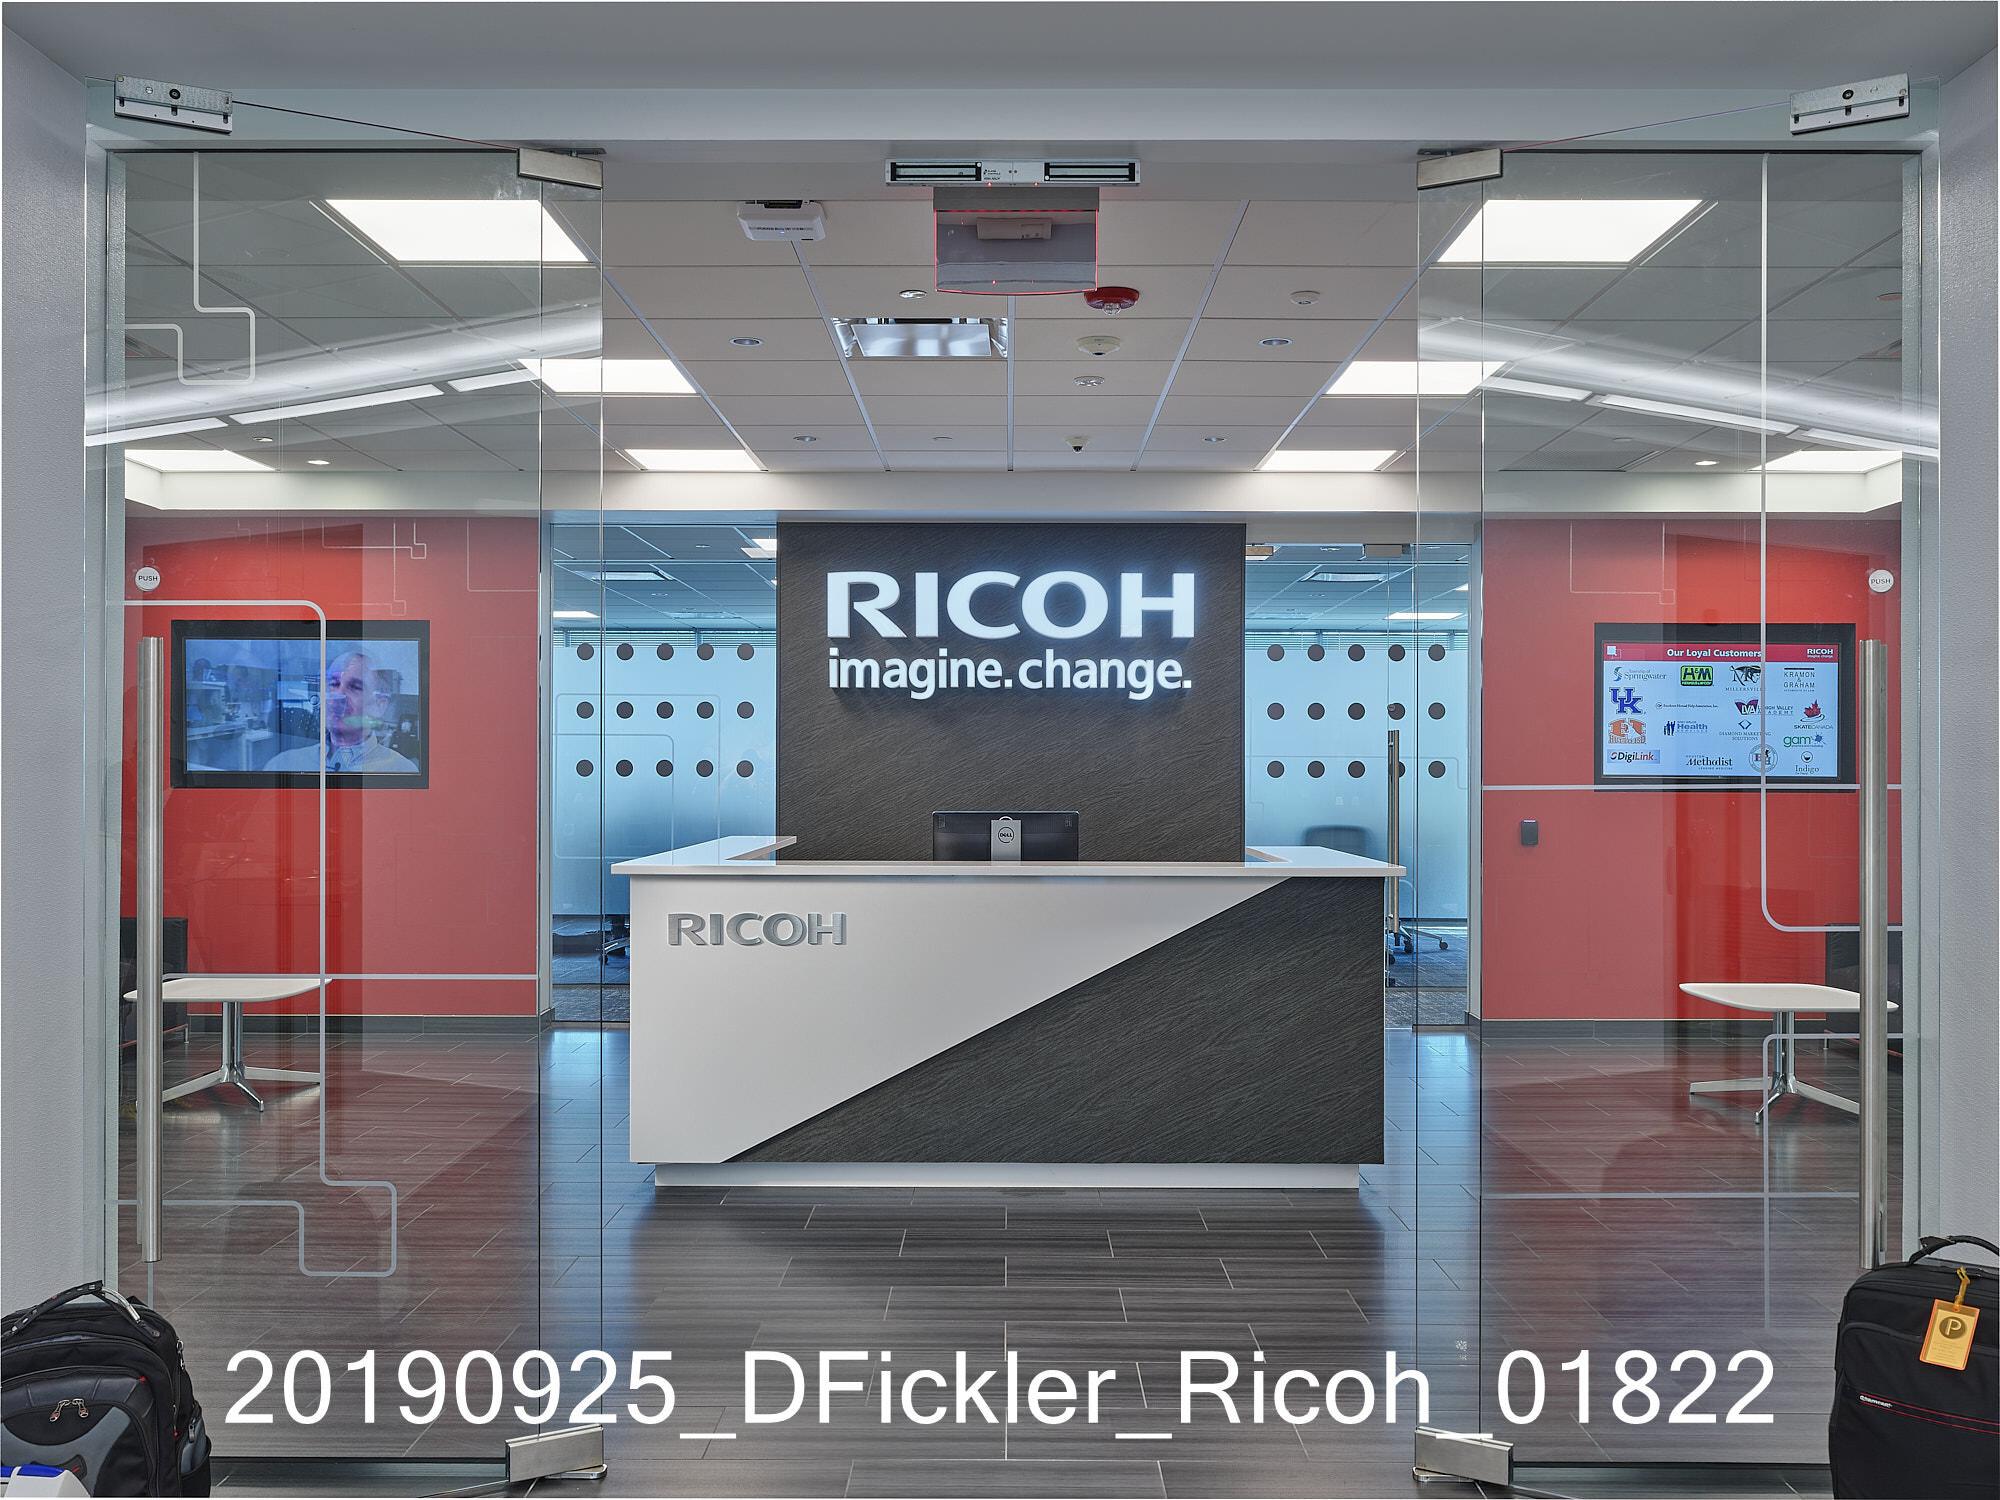 20190925_DFickler_Ricoh_01822.jpg